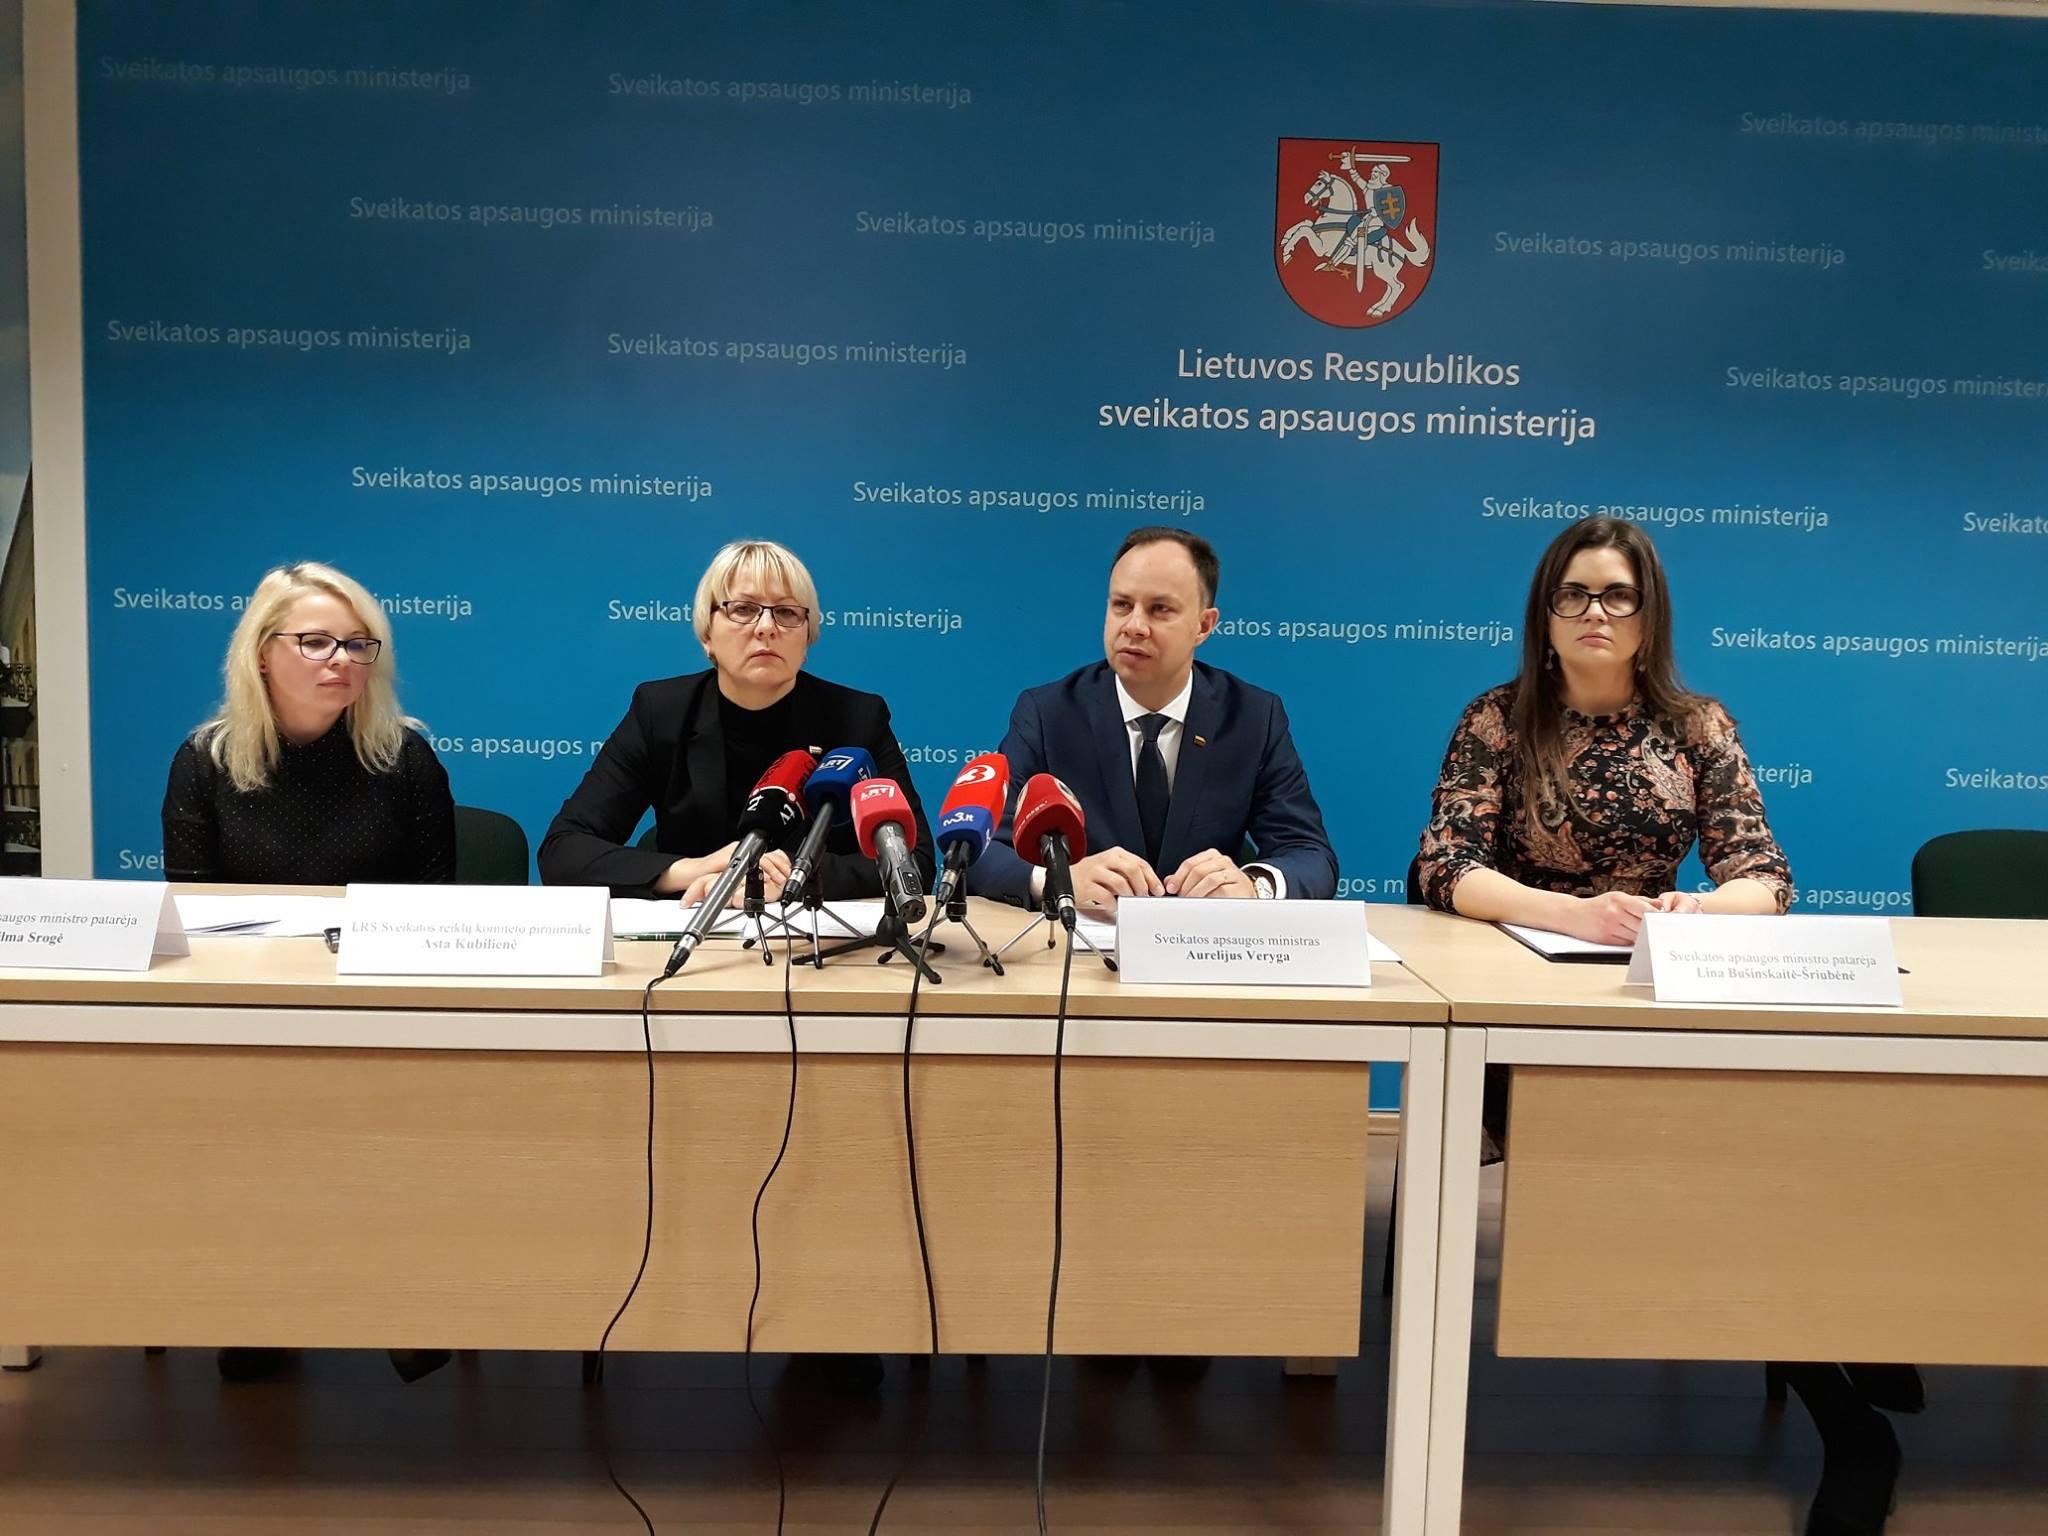 Dalyvavimas spaudos konferencijoje pristatant sveikatos sistemos reformos projektus